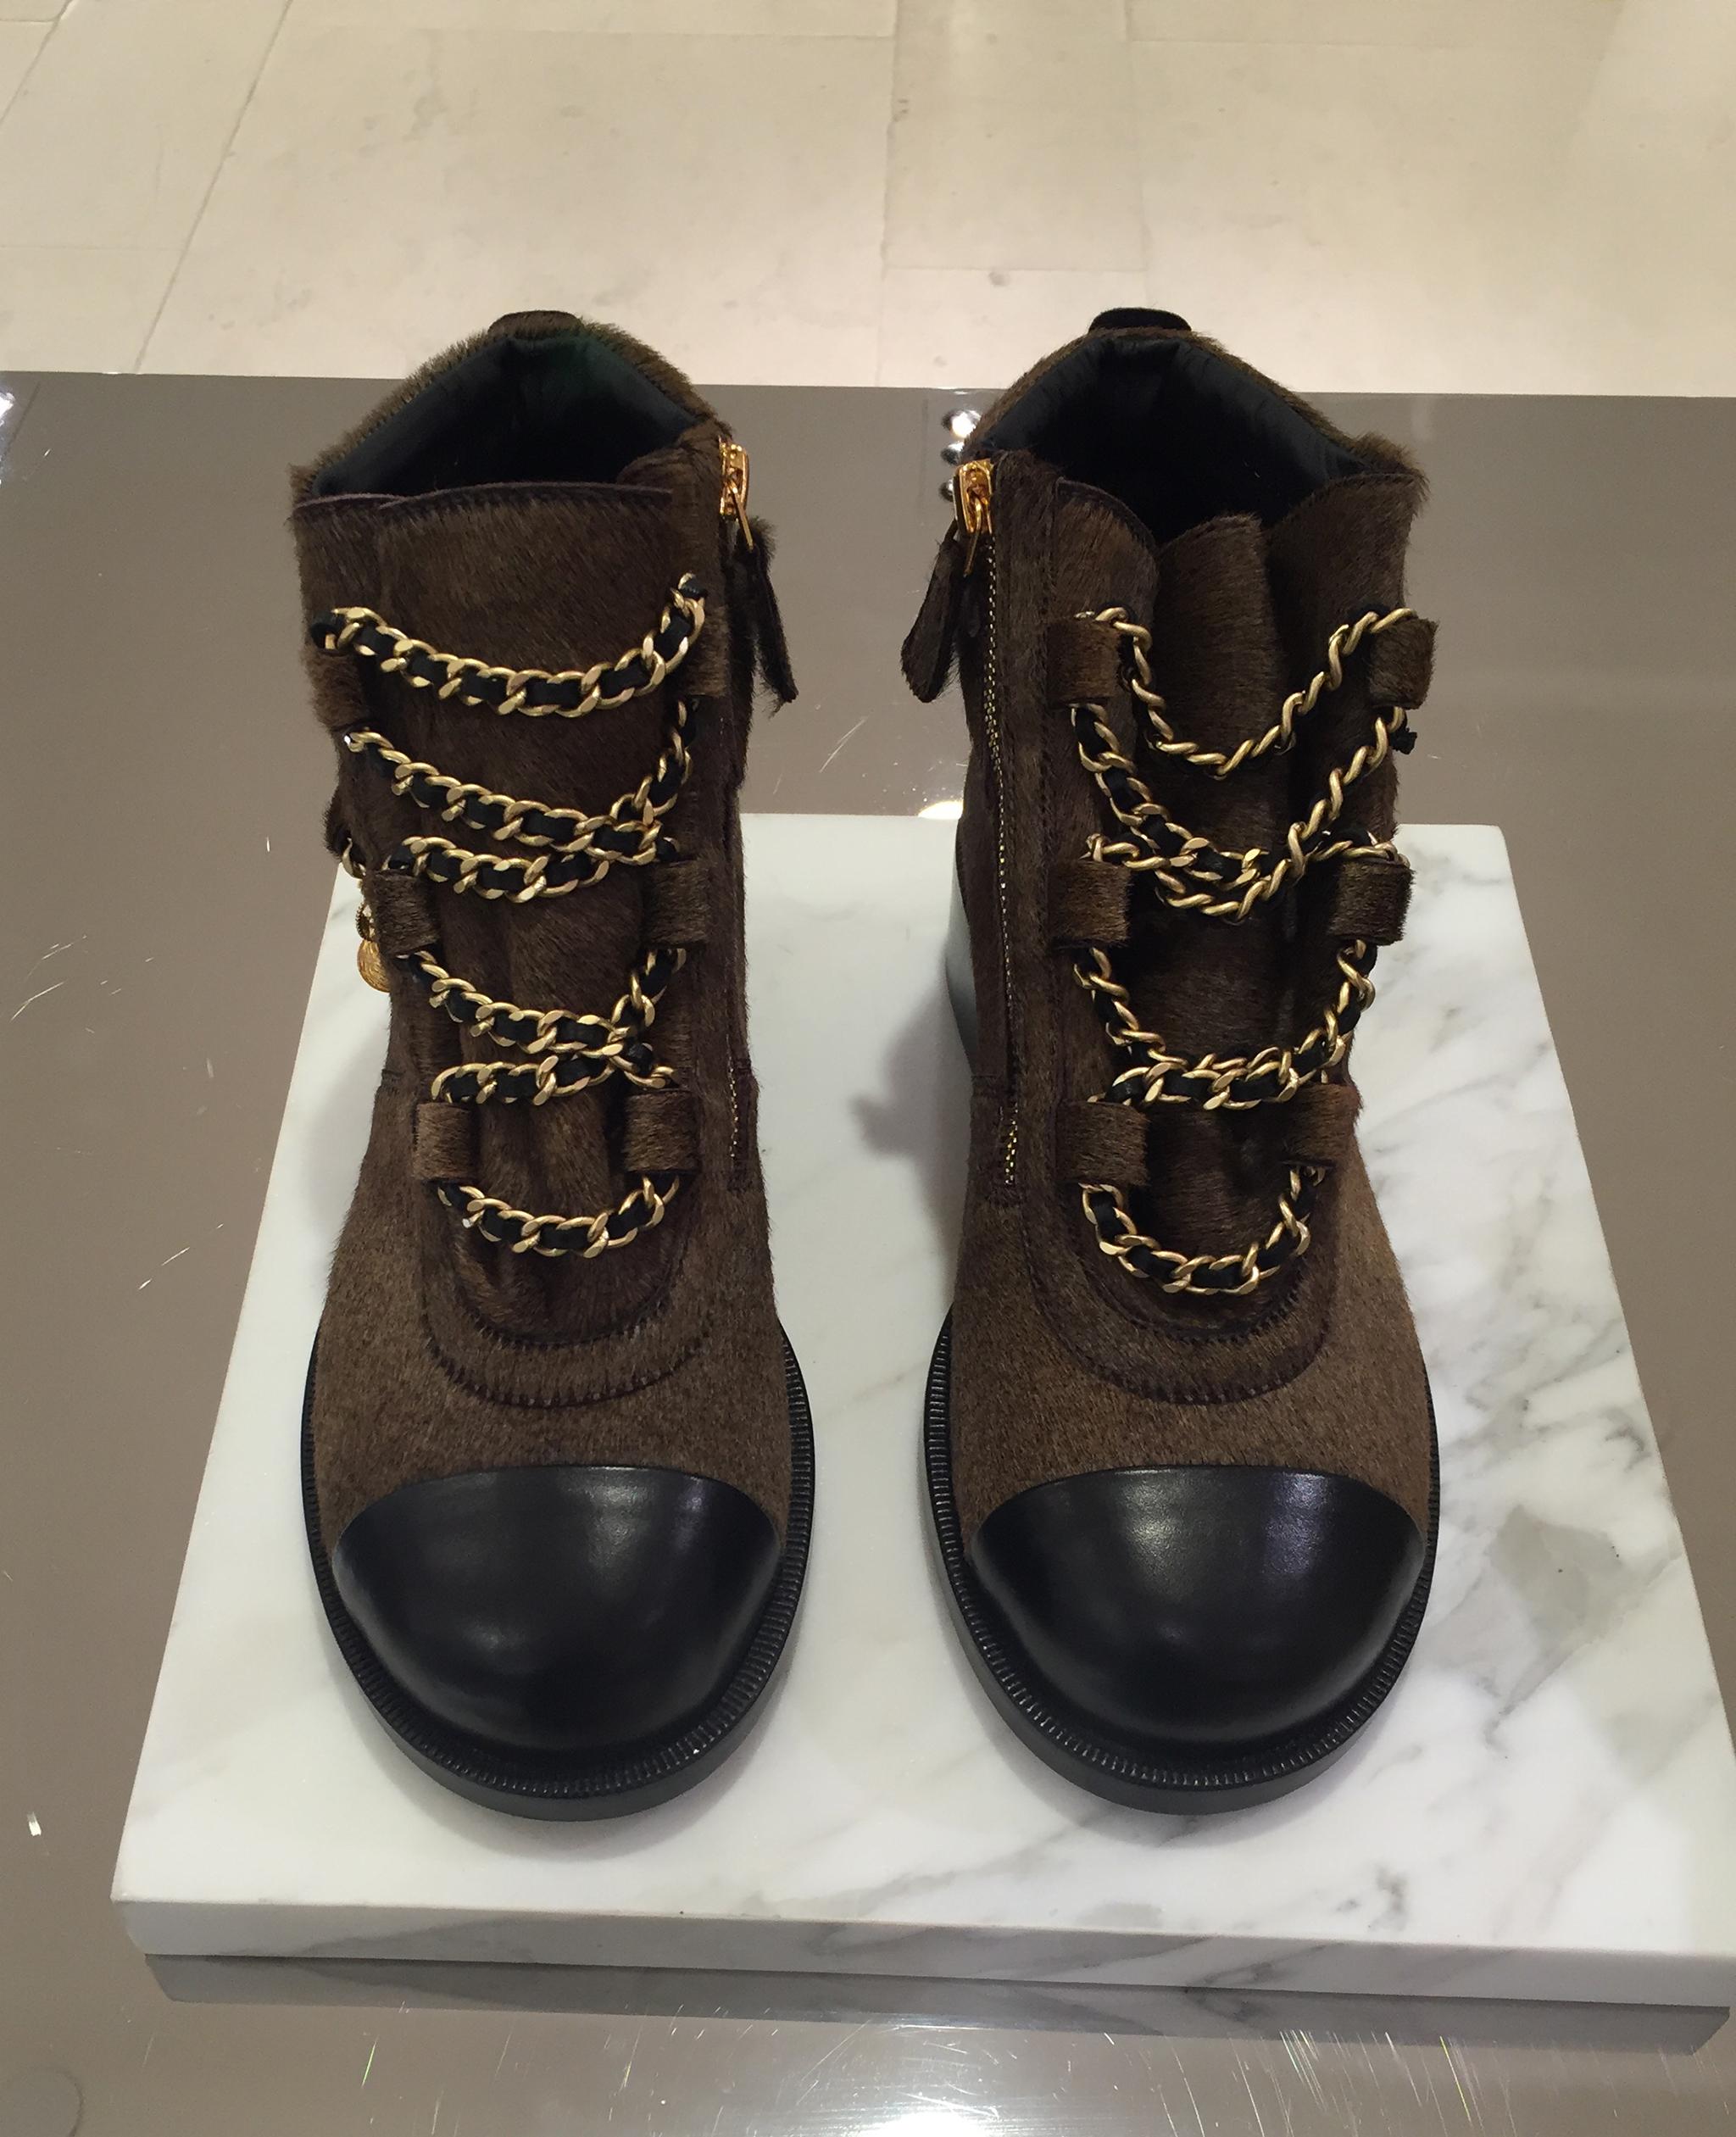 Barneys-NY-Chanel-Winter-01